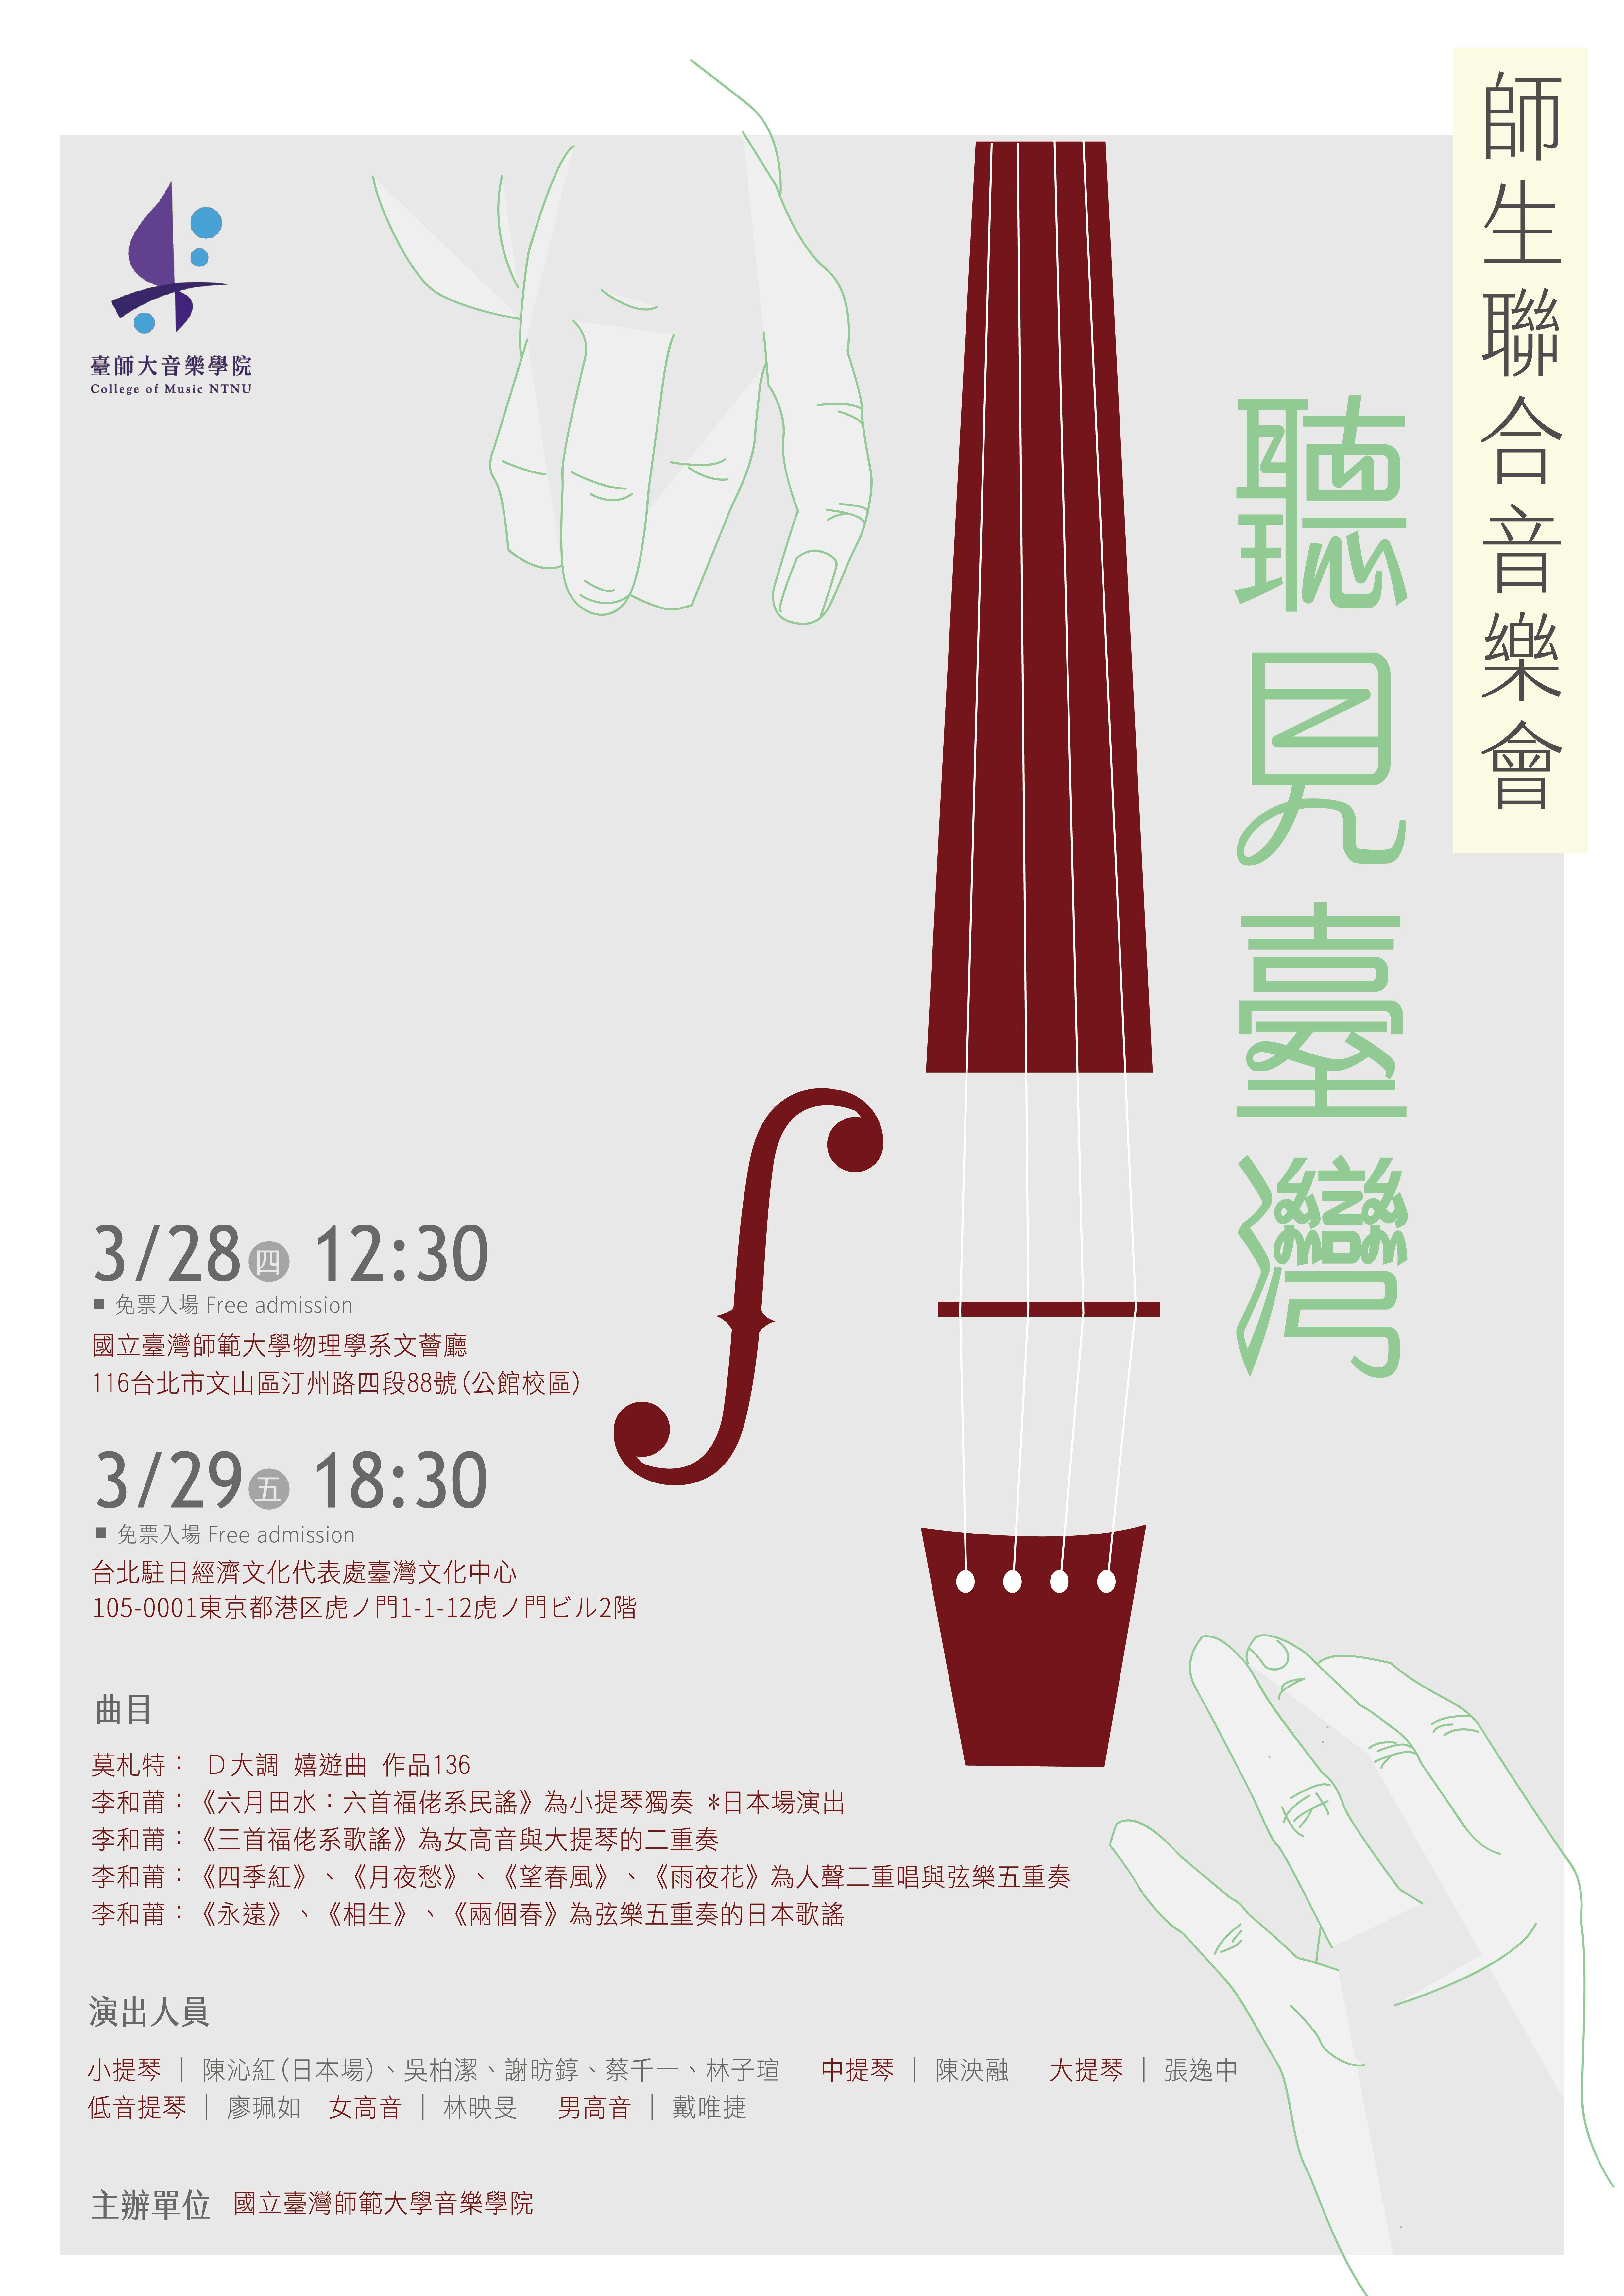 師大音樂學院-heartaiwan-正確